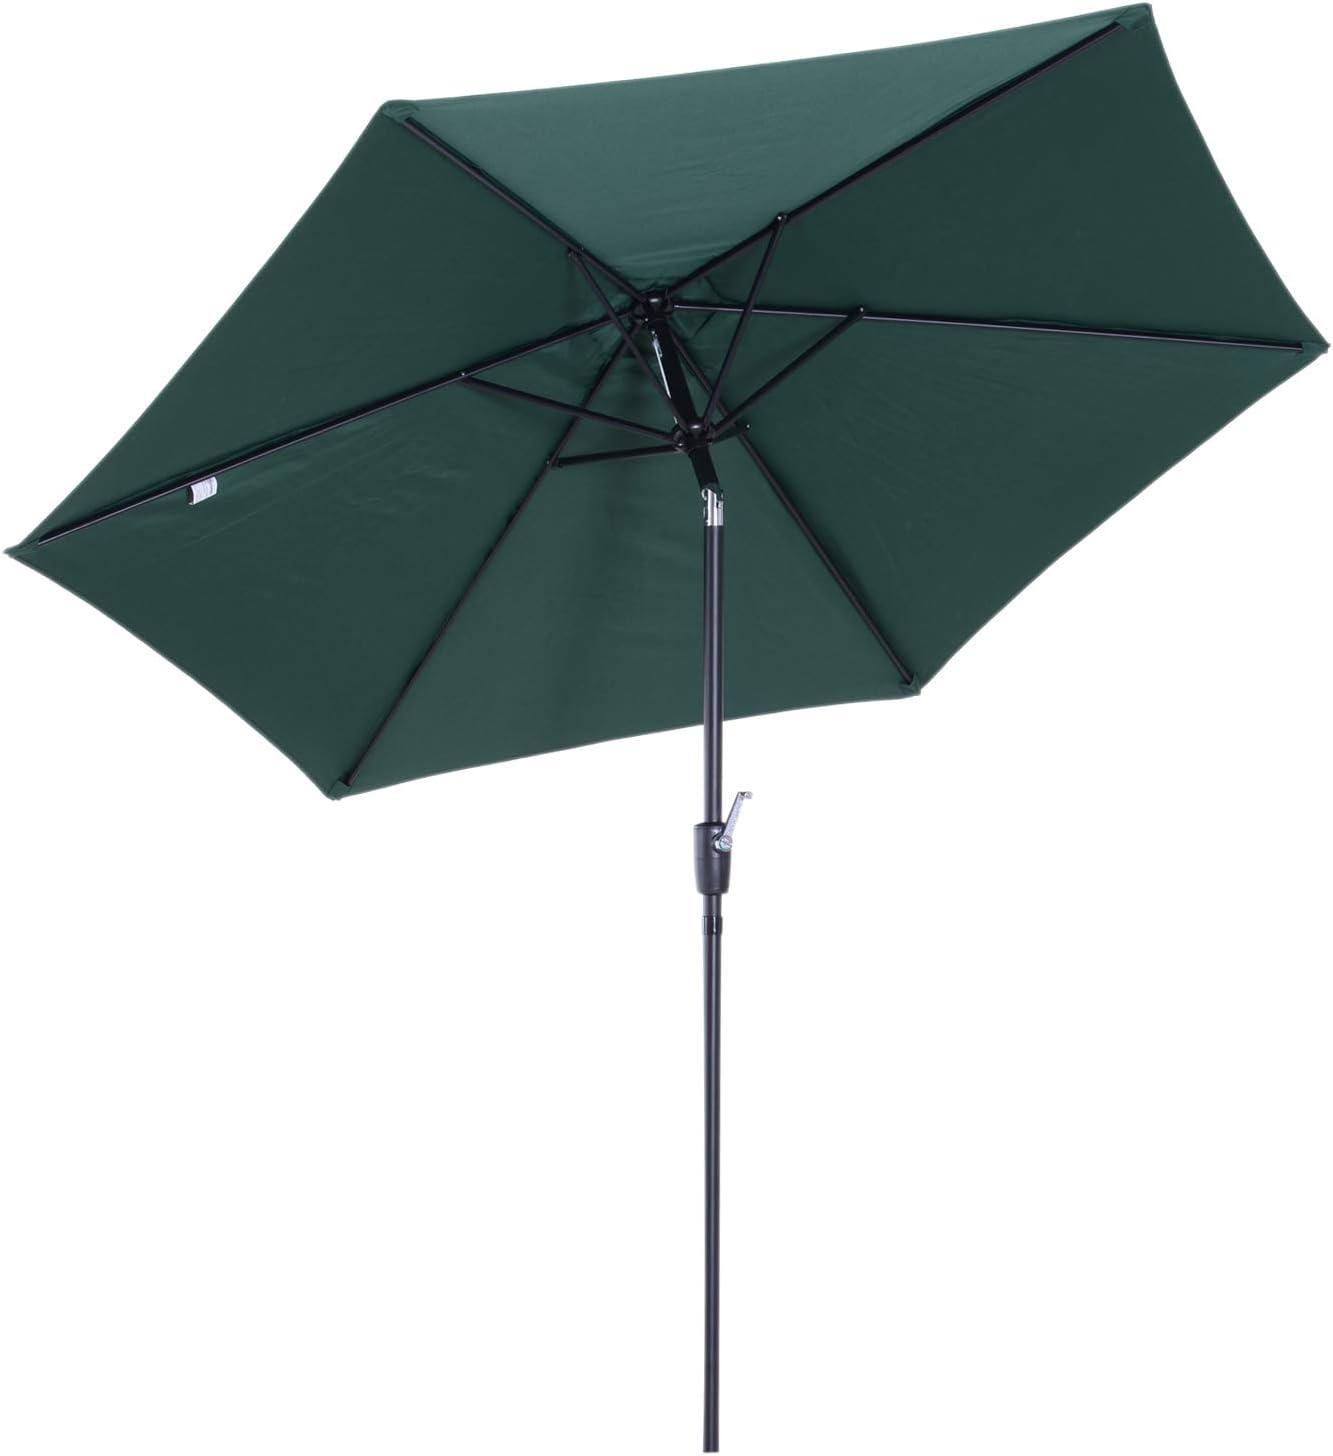 Outsunny Sombrilla Parasol para Jardín Patio Terraza Playa Piscina Reclinable con Manivela Protector UV Φ2.7x2.35m Aluminio: Amazon.es: Jardín